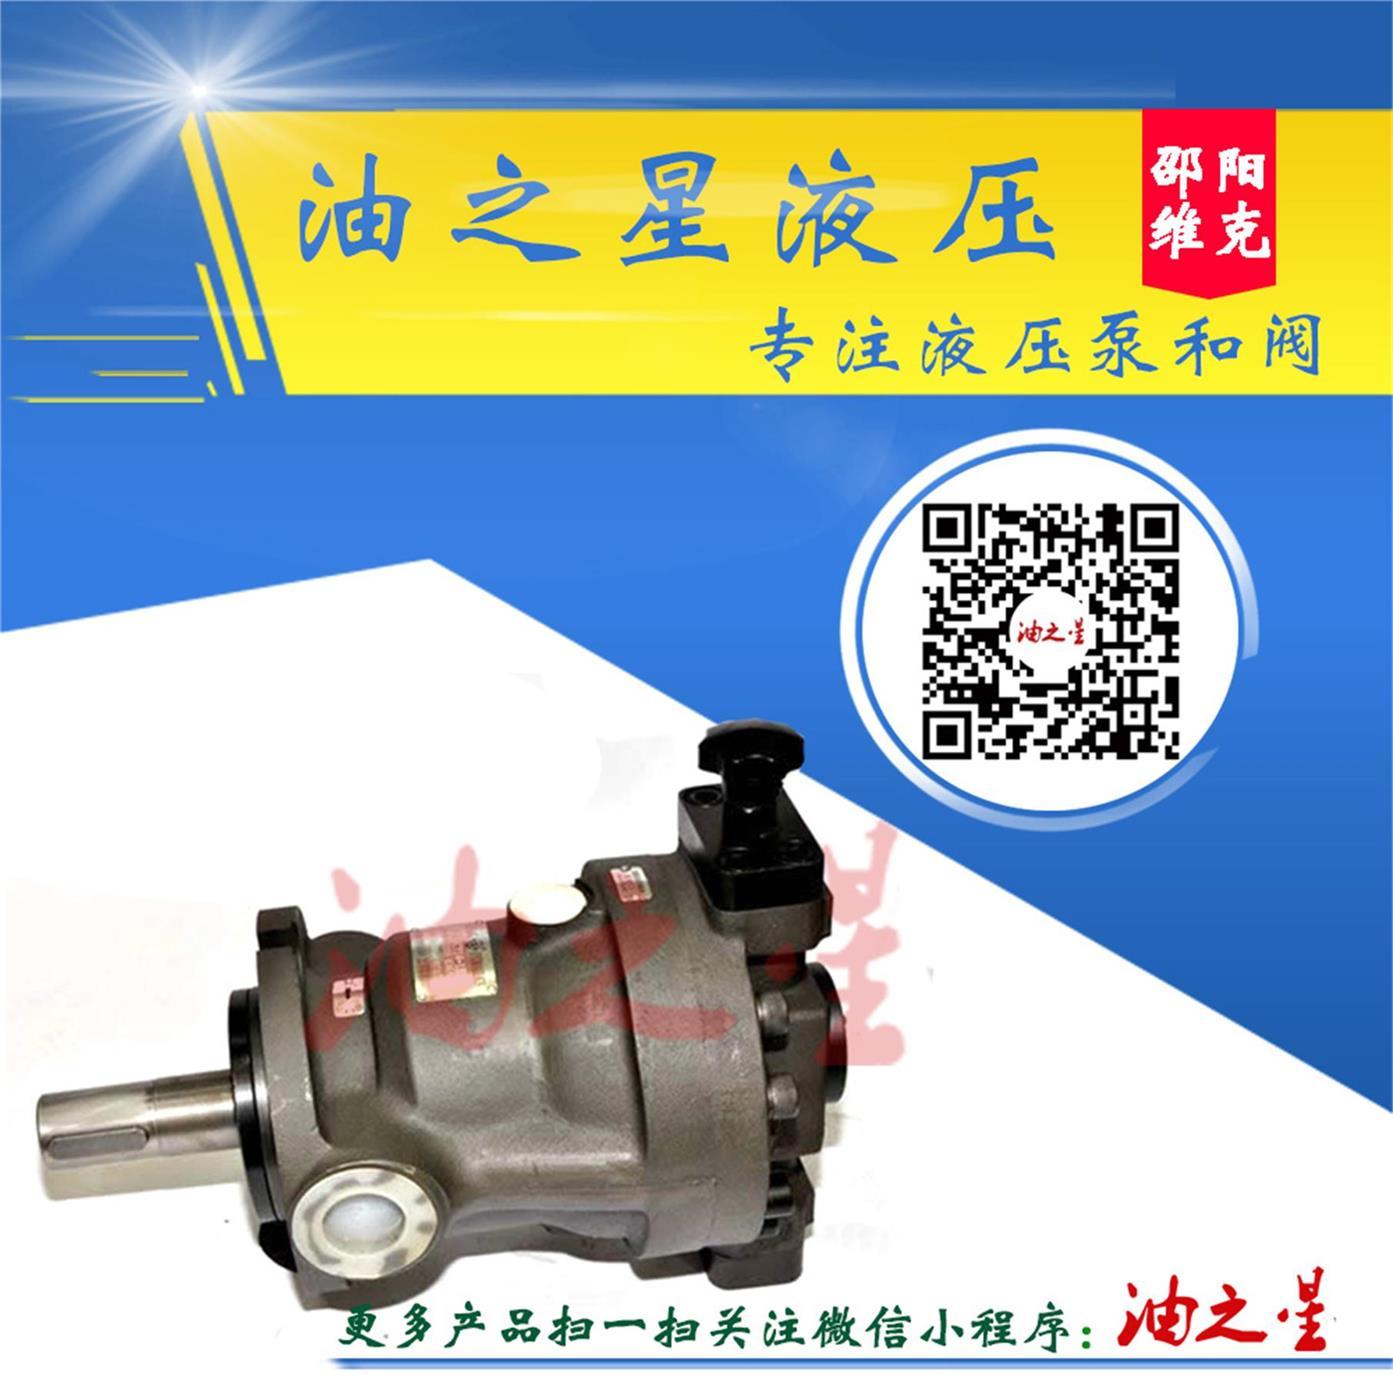 手动变量轴向柱塞泵SCY14-1B